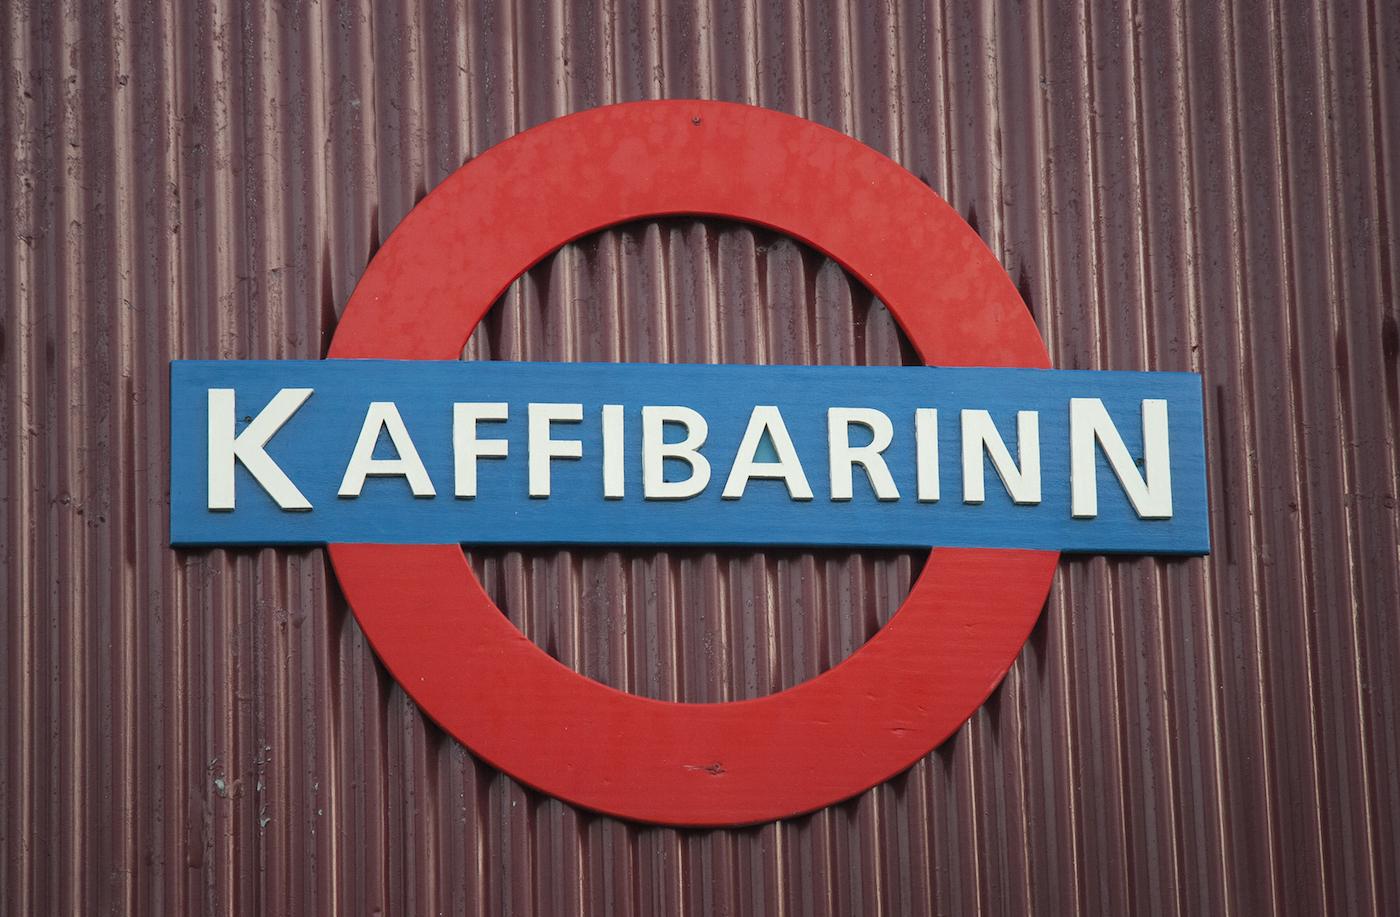 Kaffibarinn on Reykjavíkin yöelämän klassikko. Kuva: Björgvin Hilmarsson